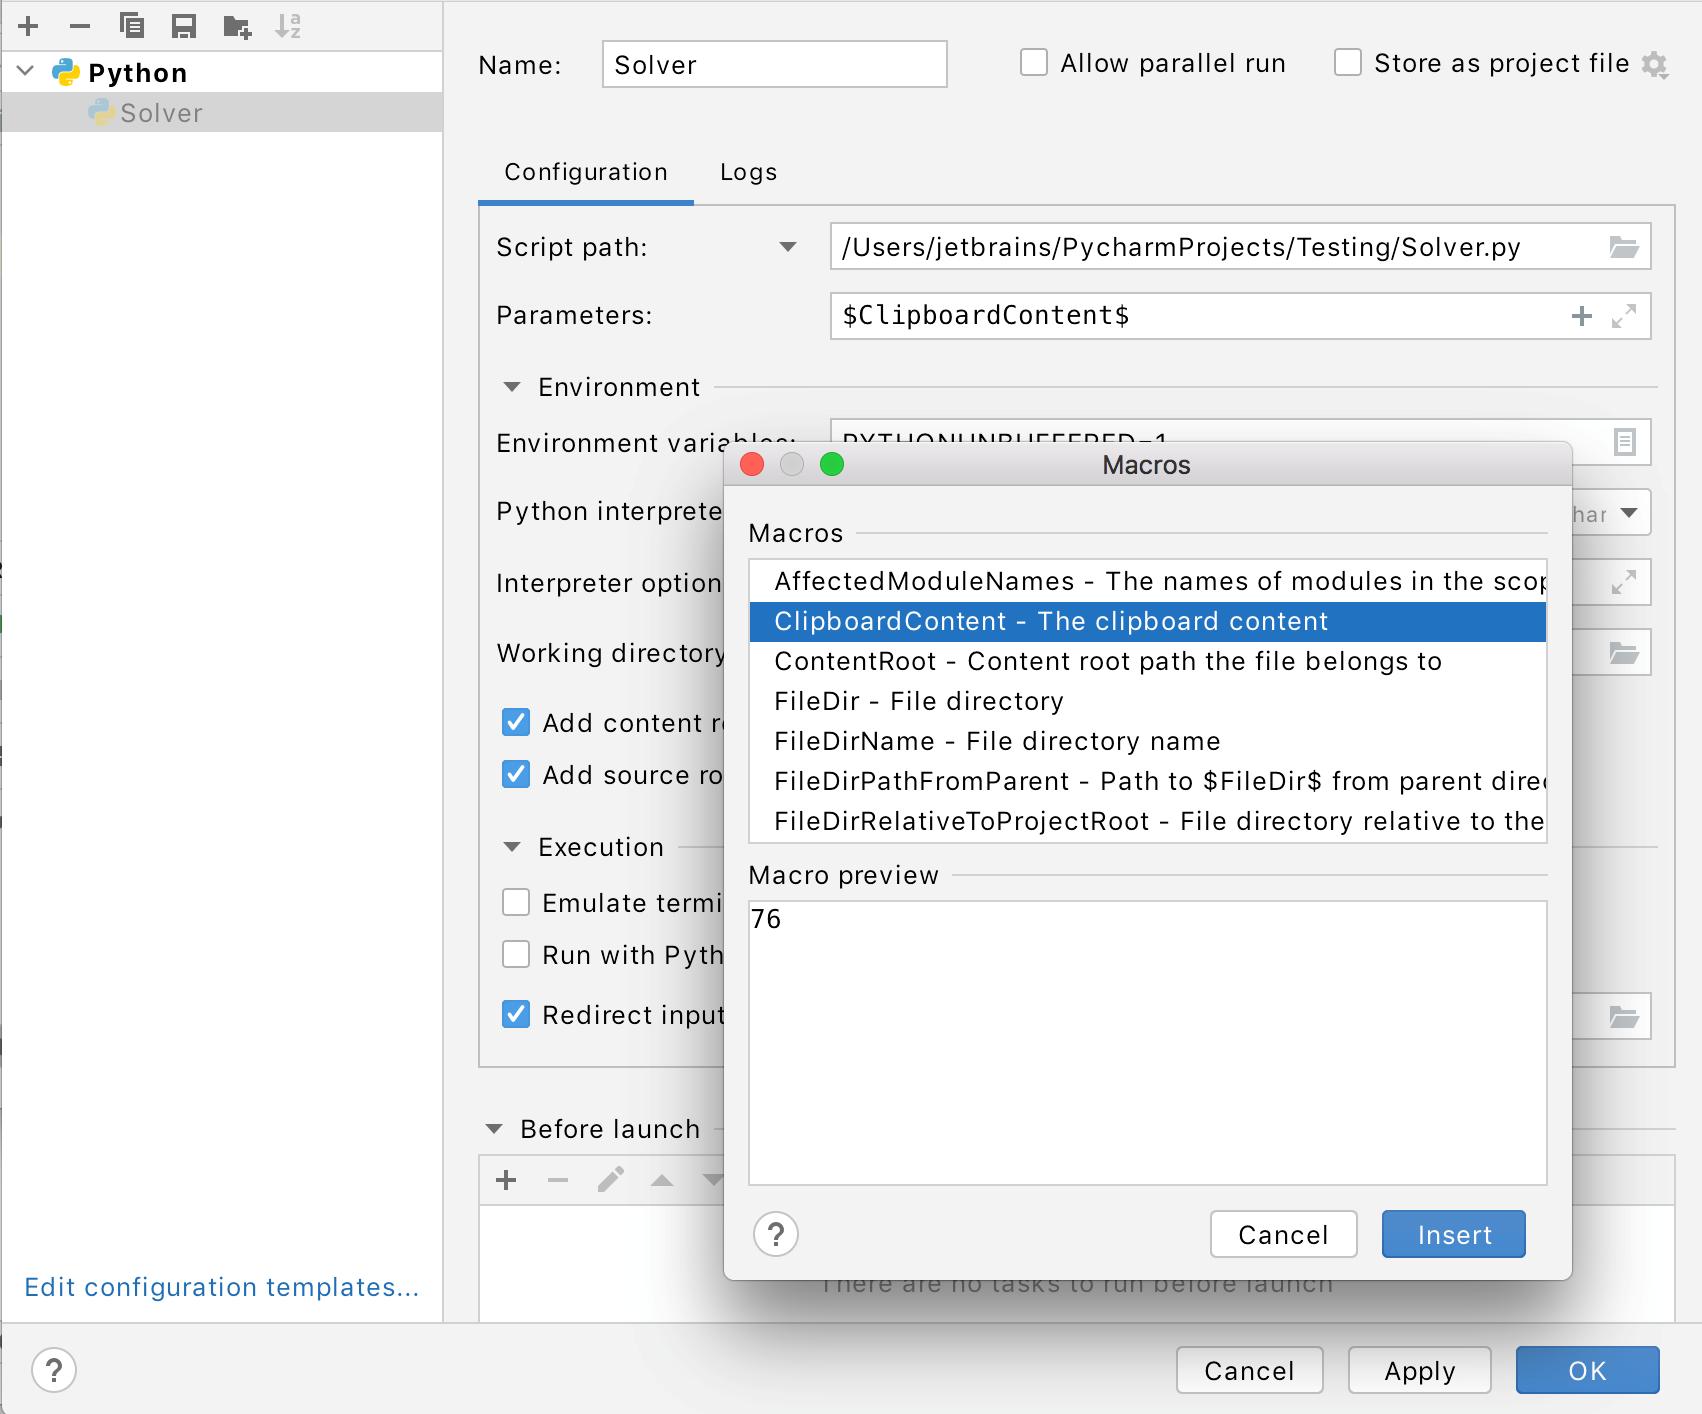 Adding macros to the Solver run/debug configuration